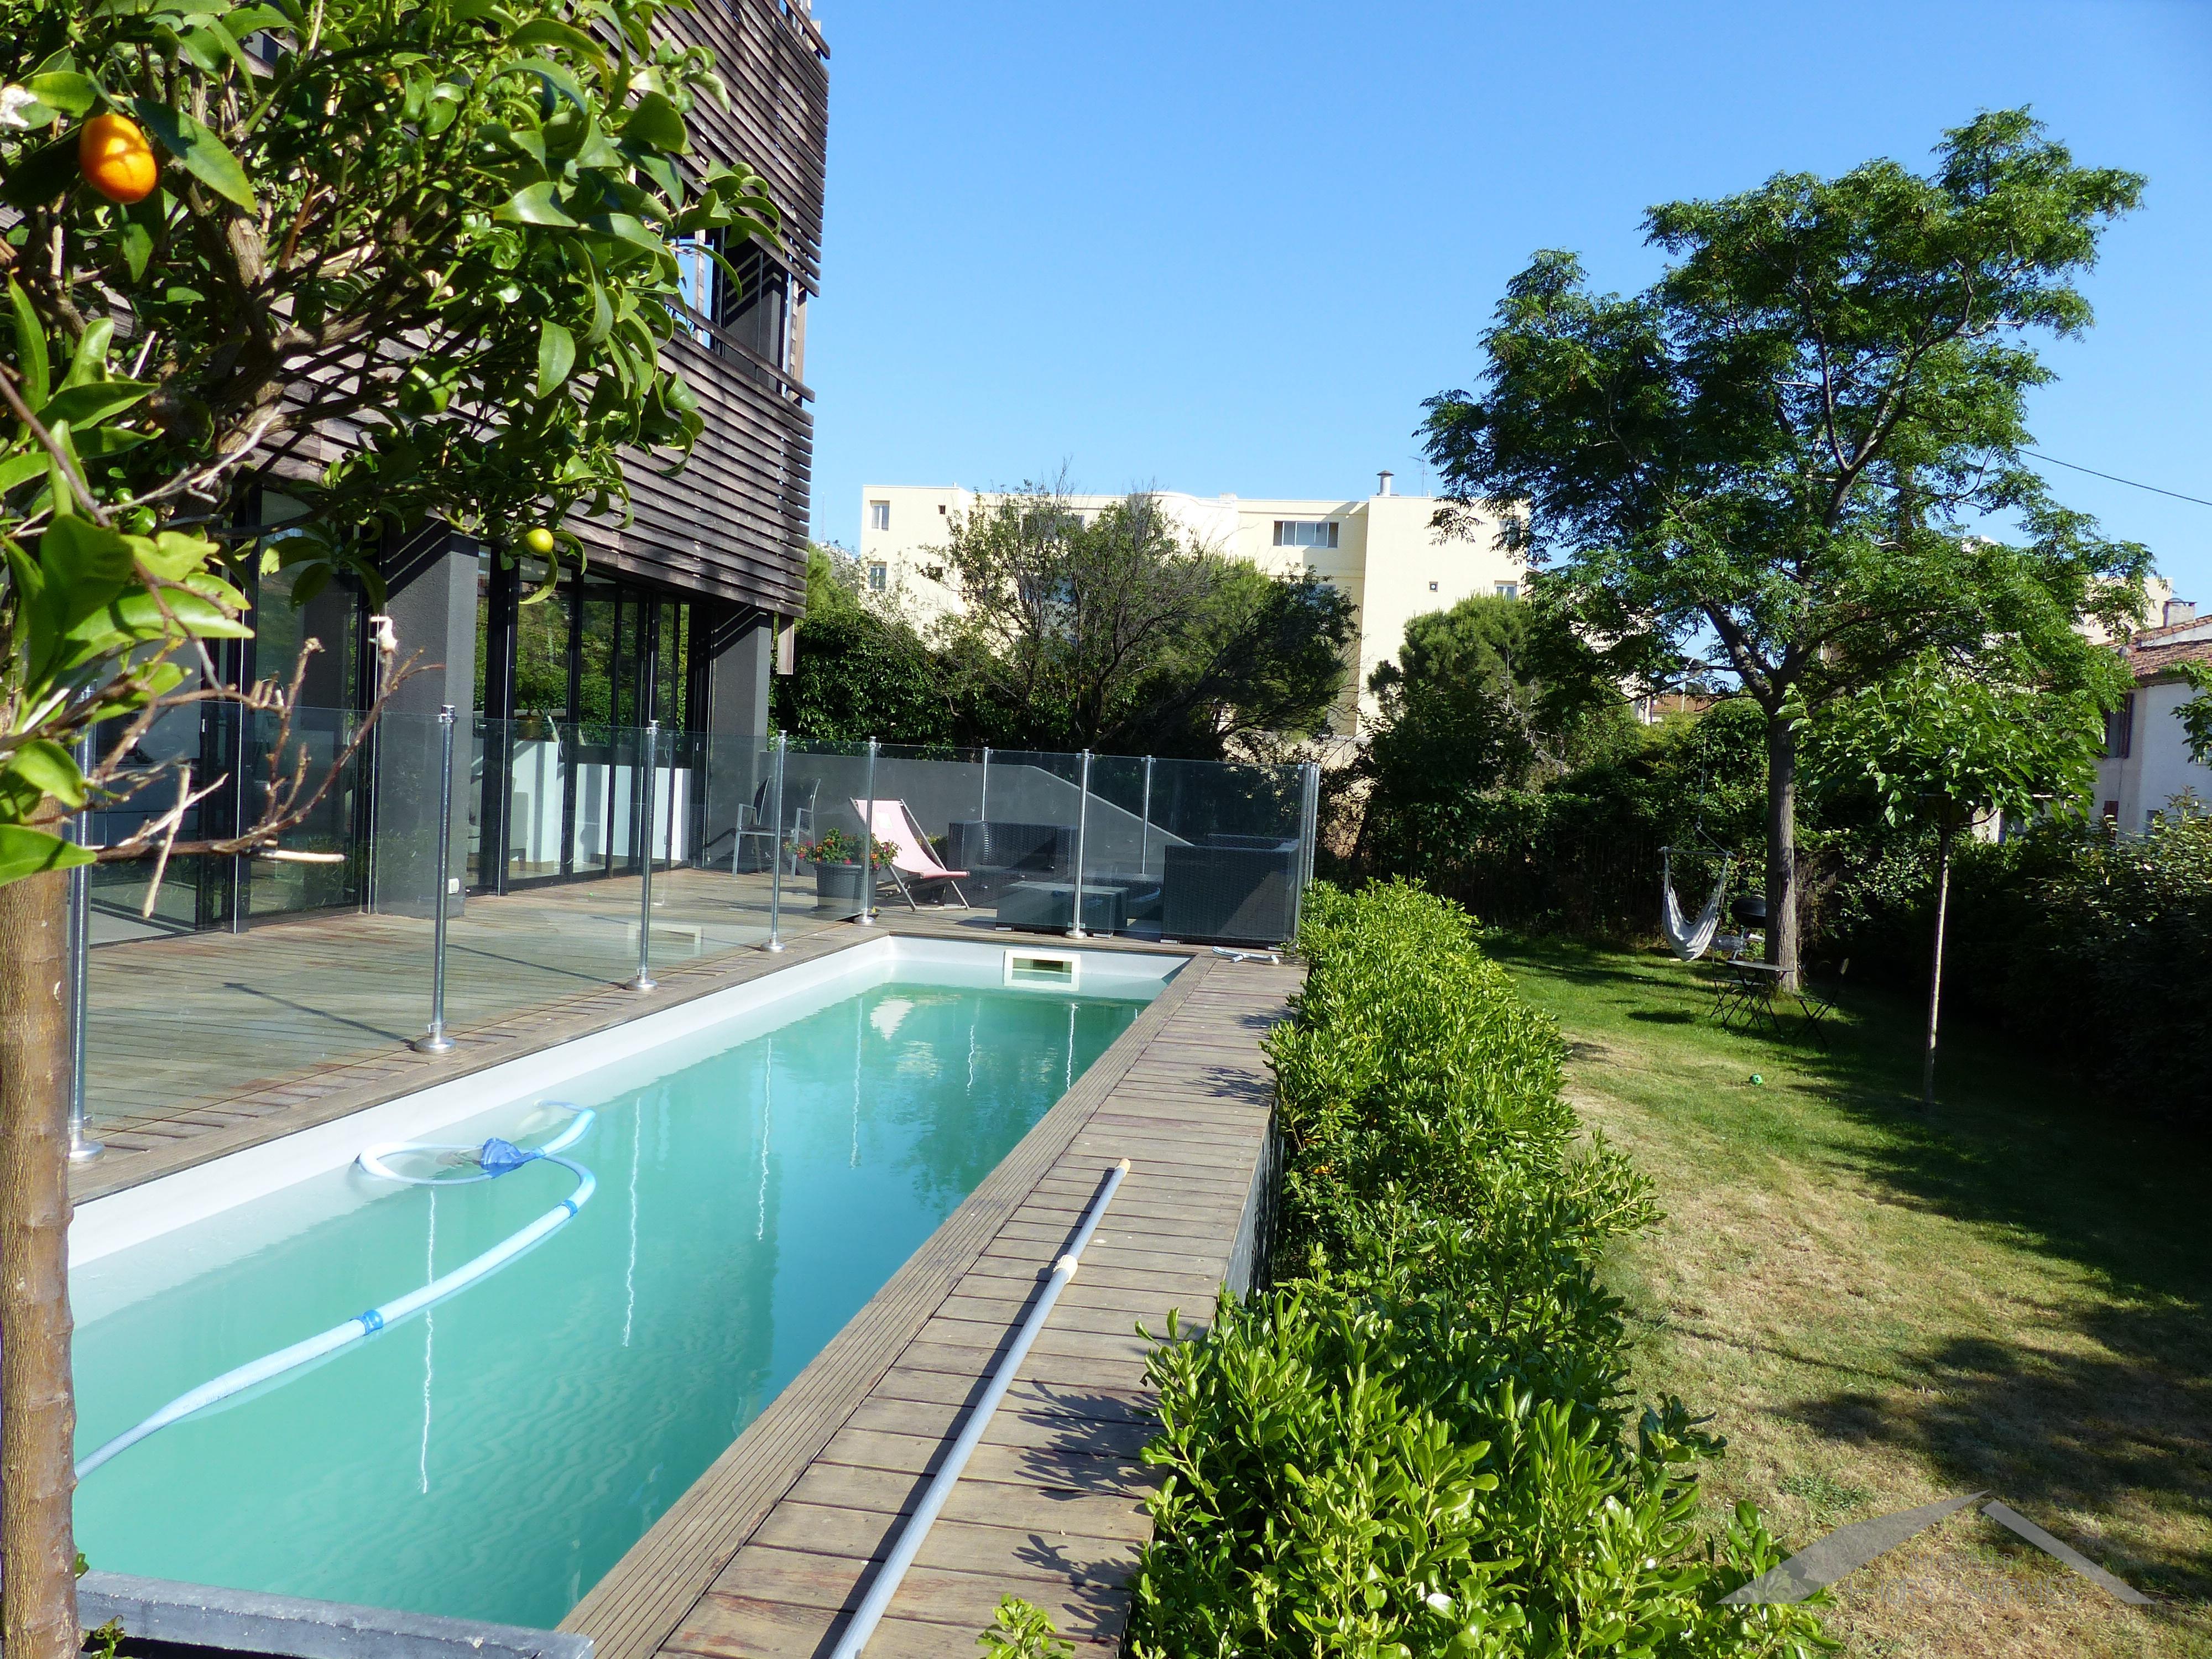 Rez de jardin avec piscine au cabot - Jardin avec piscine ...